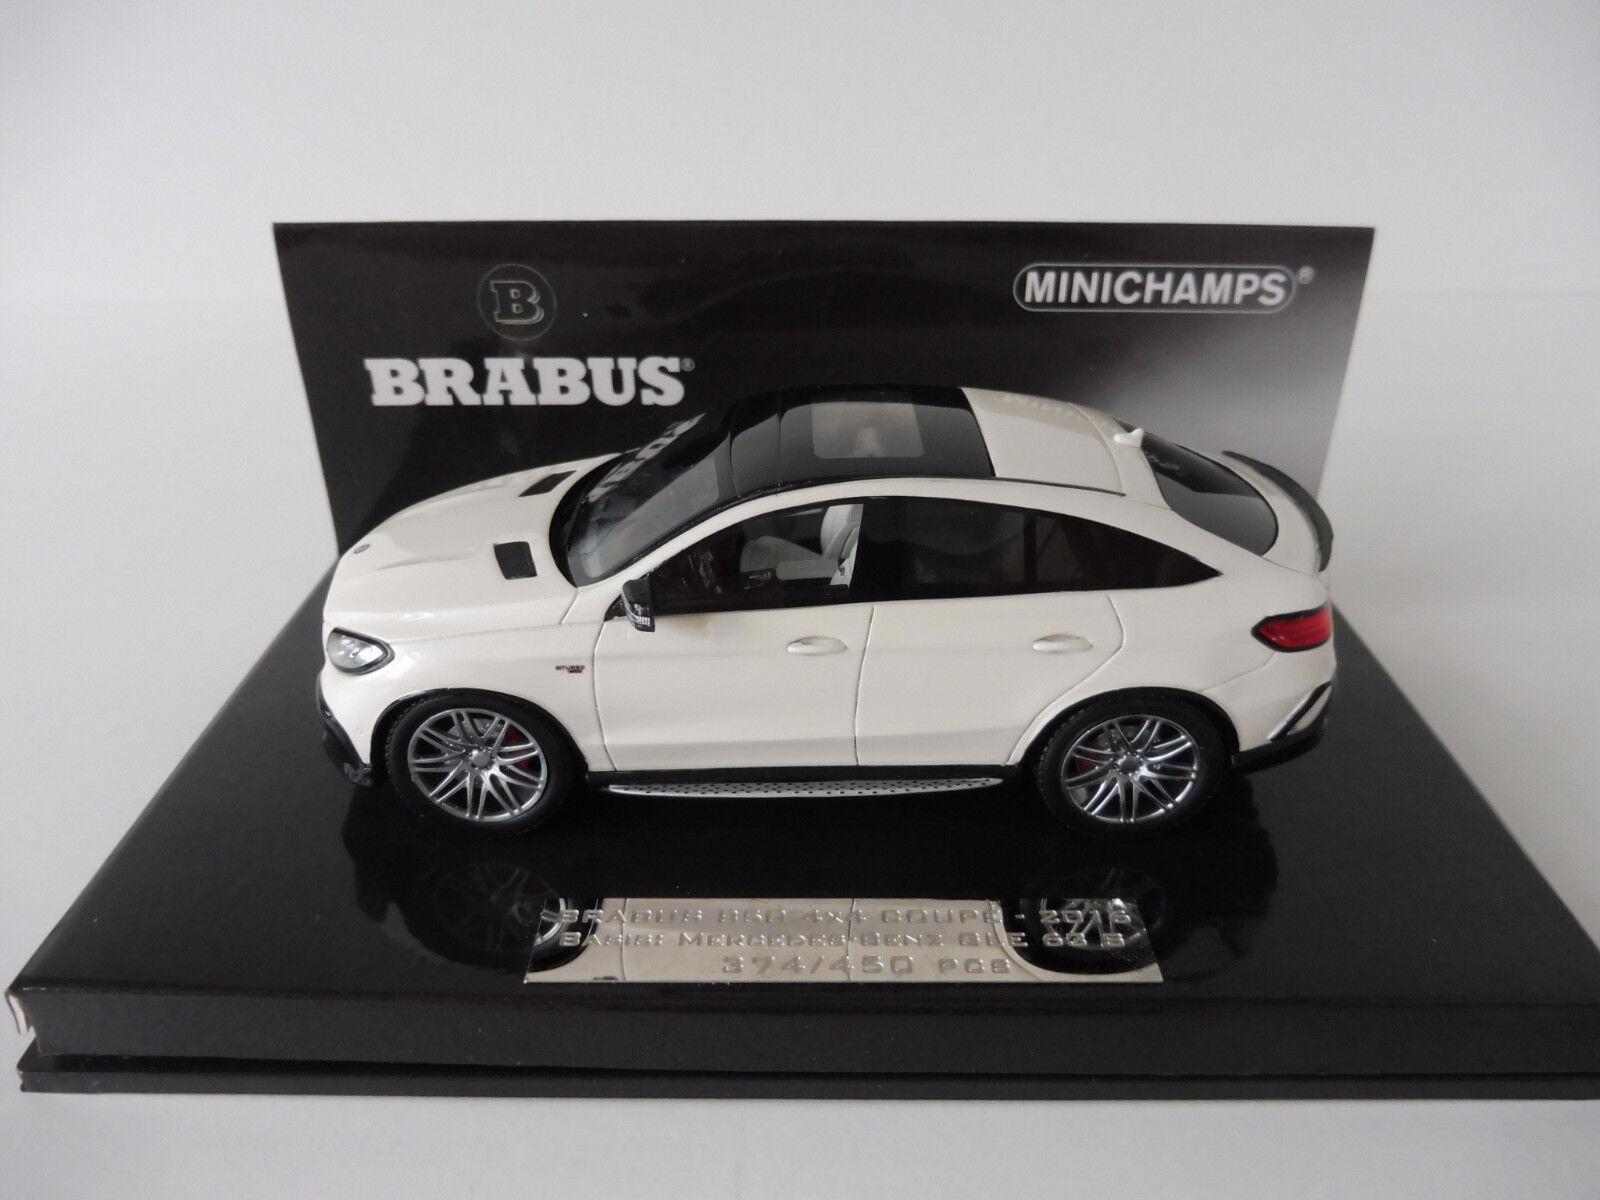 BRABUS 850 4x4 Coupé Mercedes-Benz AMG assimilés 63 1 43 MINICHAMPS 437034310